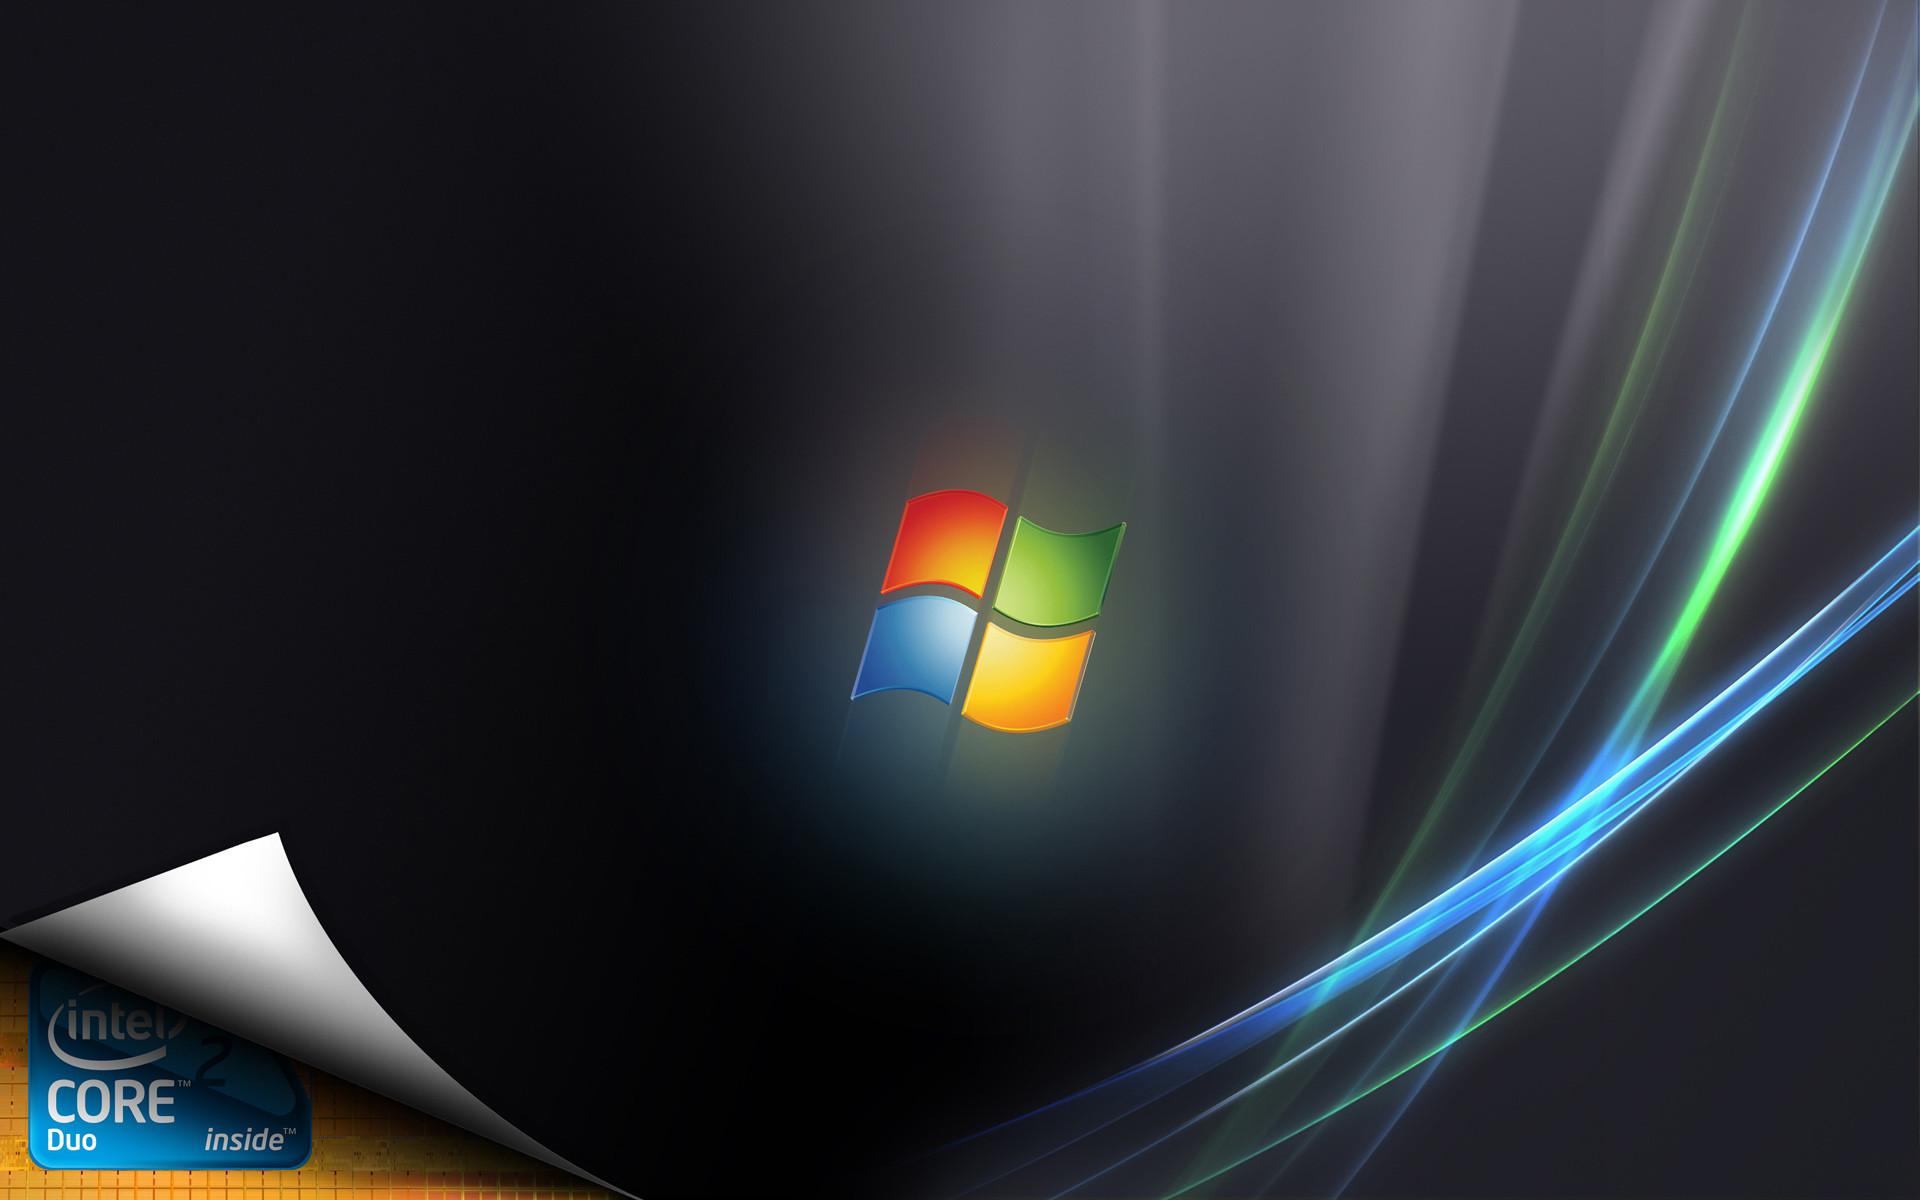 Vista and Intel #30662 HD Wallpaper